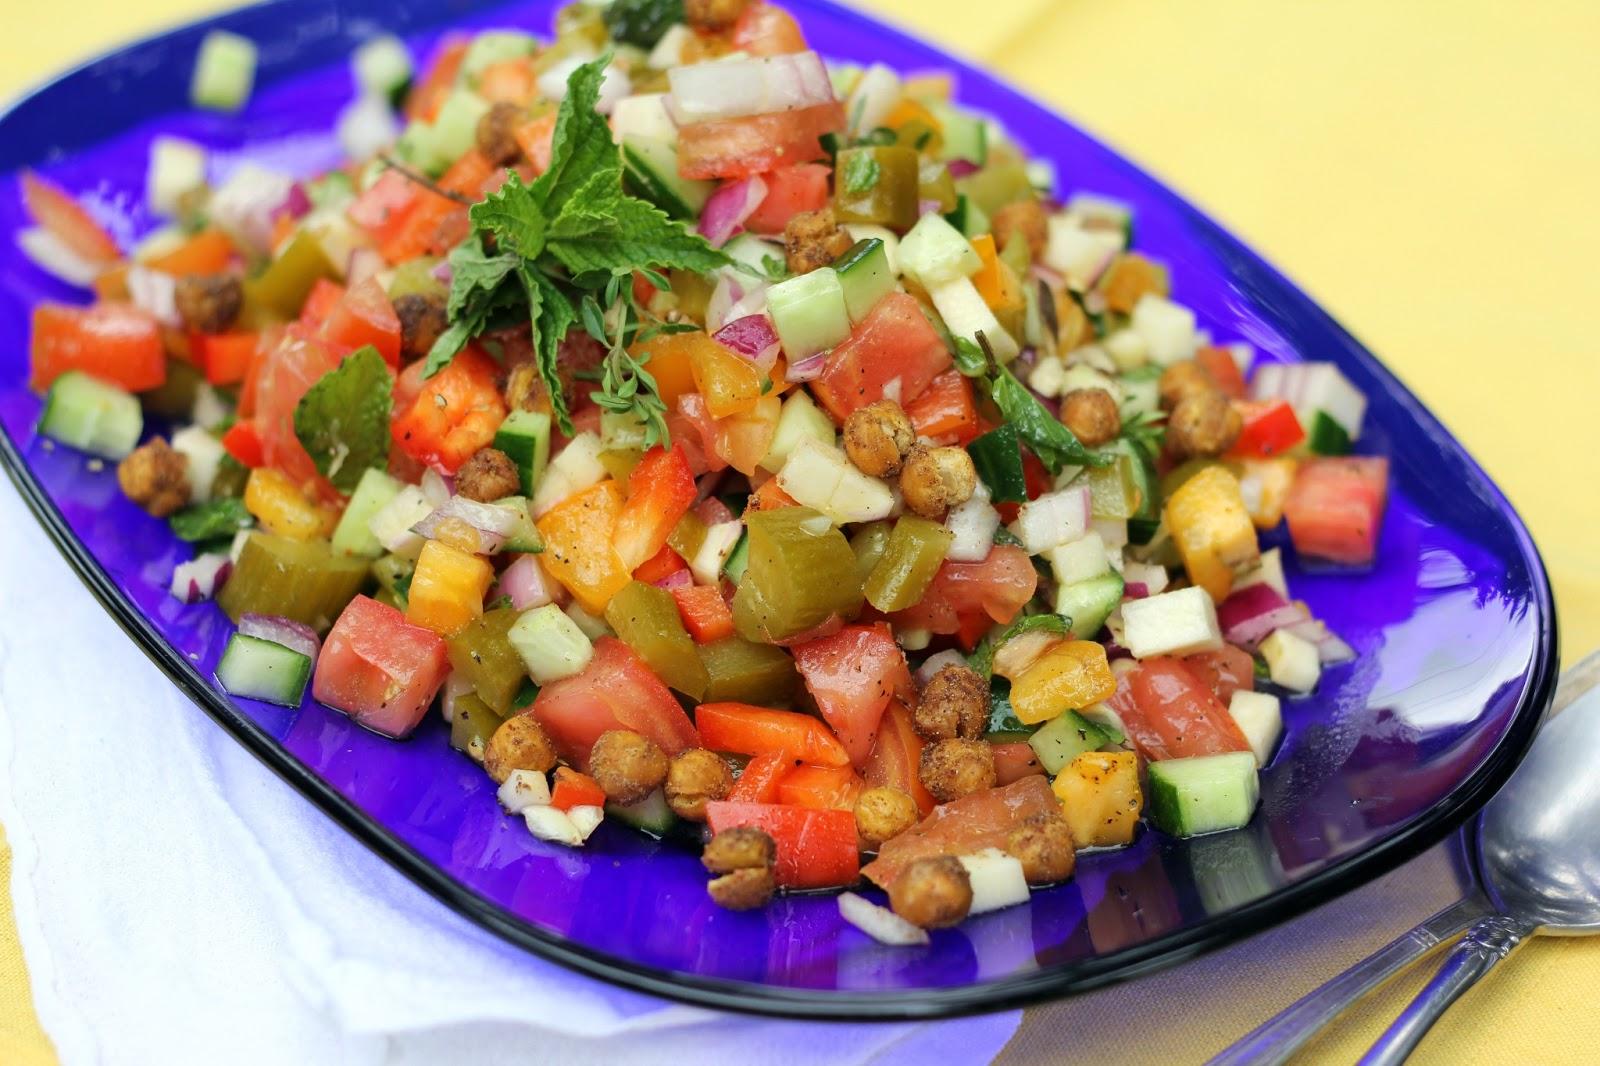 Blue Kale Road: Israeli-Style Salad with Crispy Chickpeas